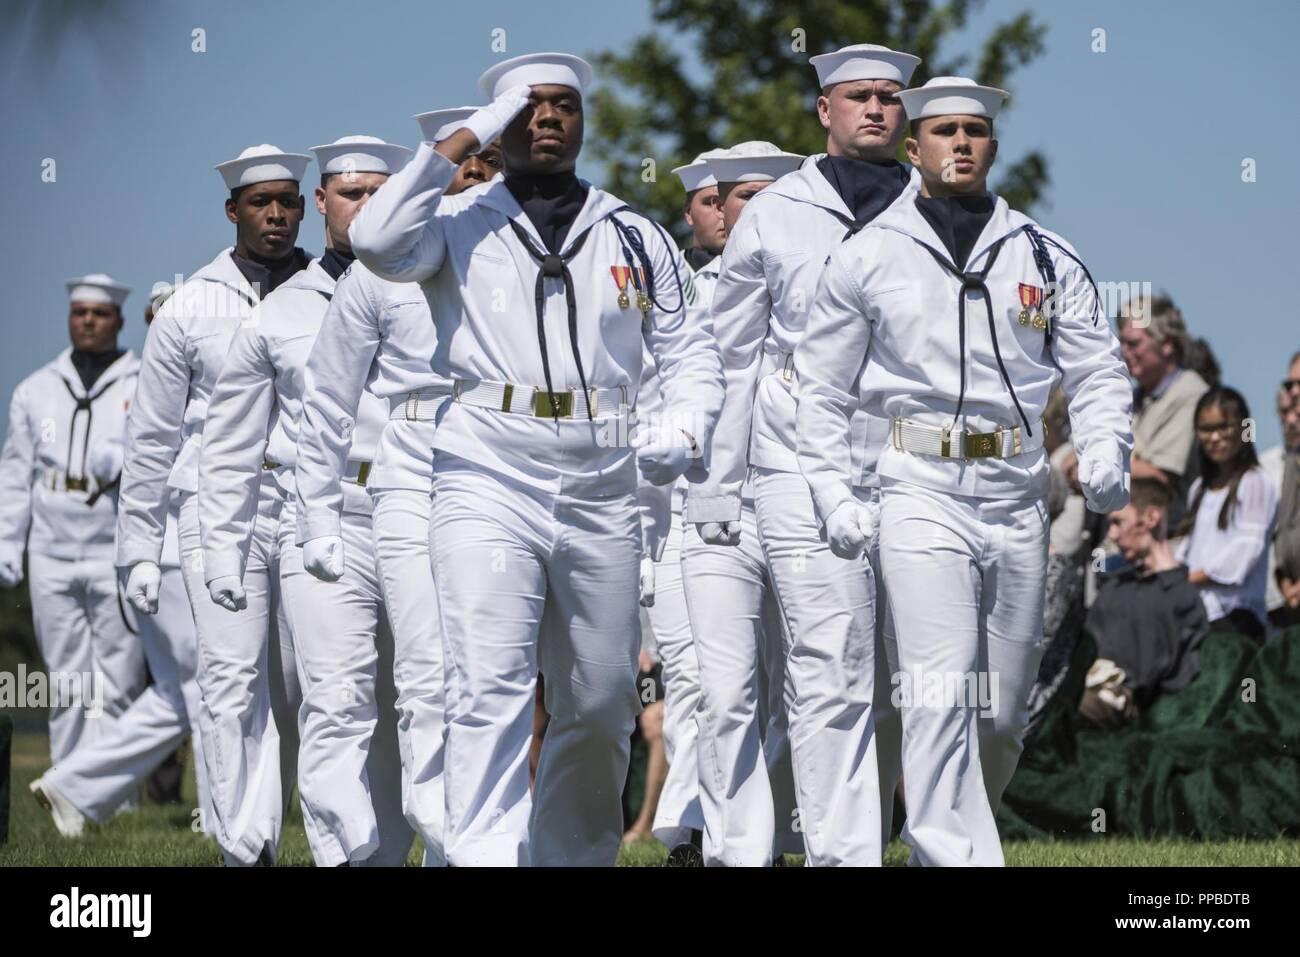 Los marineros de la Marina de los Estados Unidos ayudar a conducir la Guardia Ceremonial todos los honores funerarios El Teniente Comandante de la Marina de los Estados Unidos William Liebenow en la sección 62 del Cementerio Nacional de Arlington, Arlington, Virginia, 23 de agosto de 2018. El 7 de agosto de 1943, una patrulla patroneado Liebenow barco torpedo para rescatar a los marineros de PT-109 que habían sobrevivido a varios días en inhóspitas islas tras un destructor japonés había embestido su barco, matando a dos miembros de la tripulación. Entre las personas rescatadas fue la bunkmate Liebenow, John F. Kennedy, entonces de 26. Por sus actos de heroísmo durante la II Guerra Mundial, recibió la medalla de bronce y estrellas de plata. Su esposa, Lucy Li Foto de stock